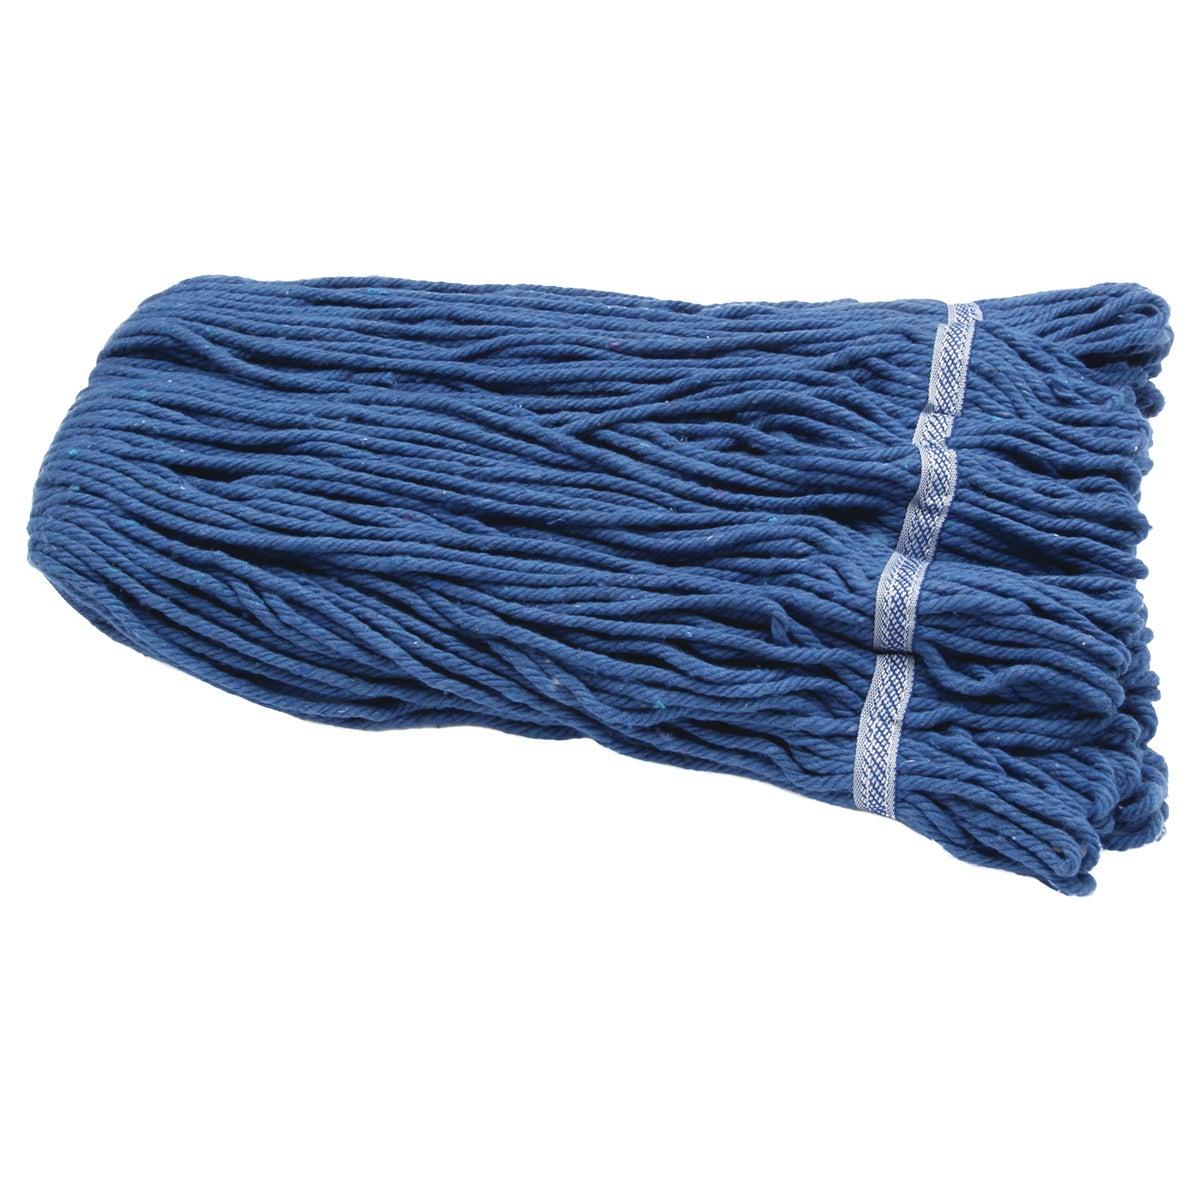 BLUE LARGE LOOP MOP HEAD